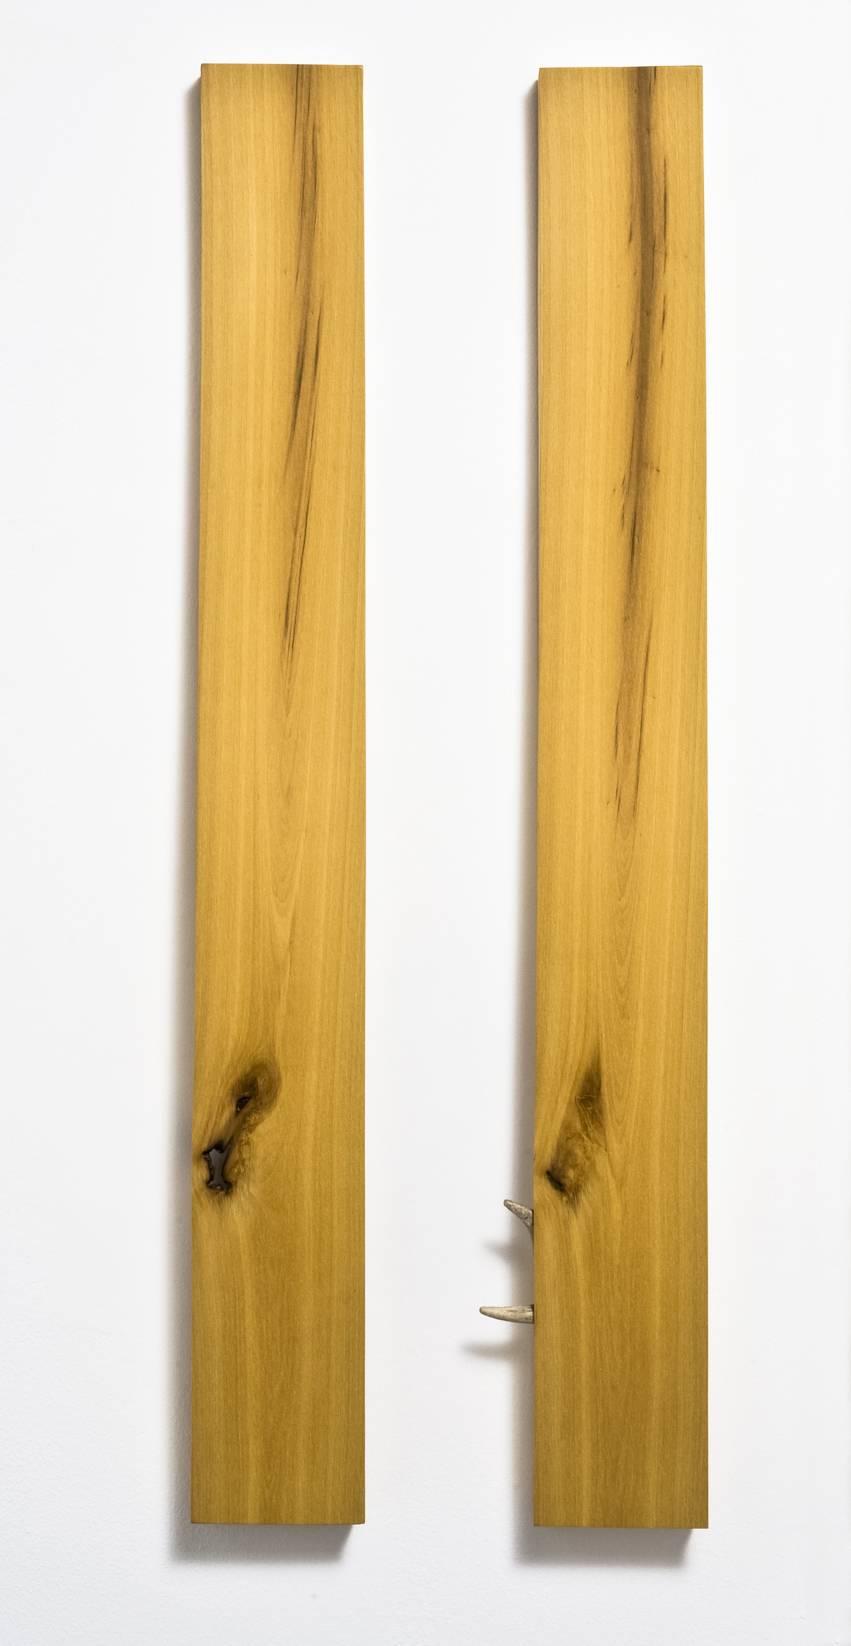 Arecco F. - 1, 2, 3 (bosso giallo).jpg